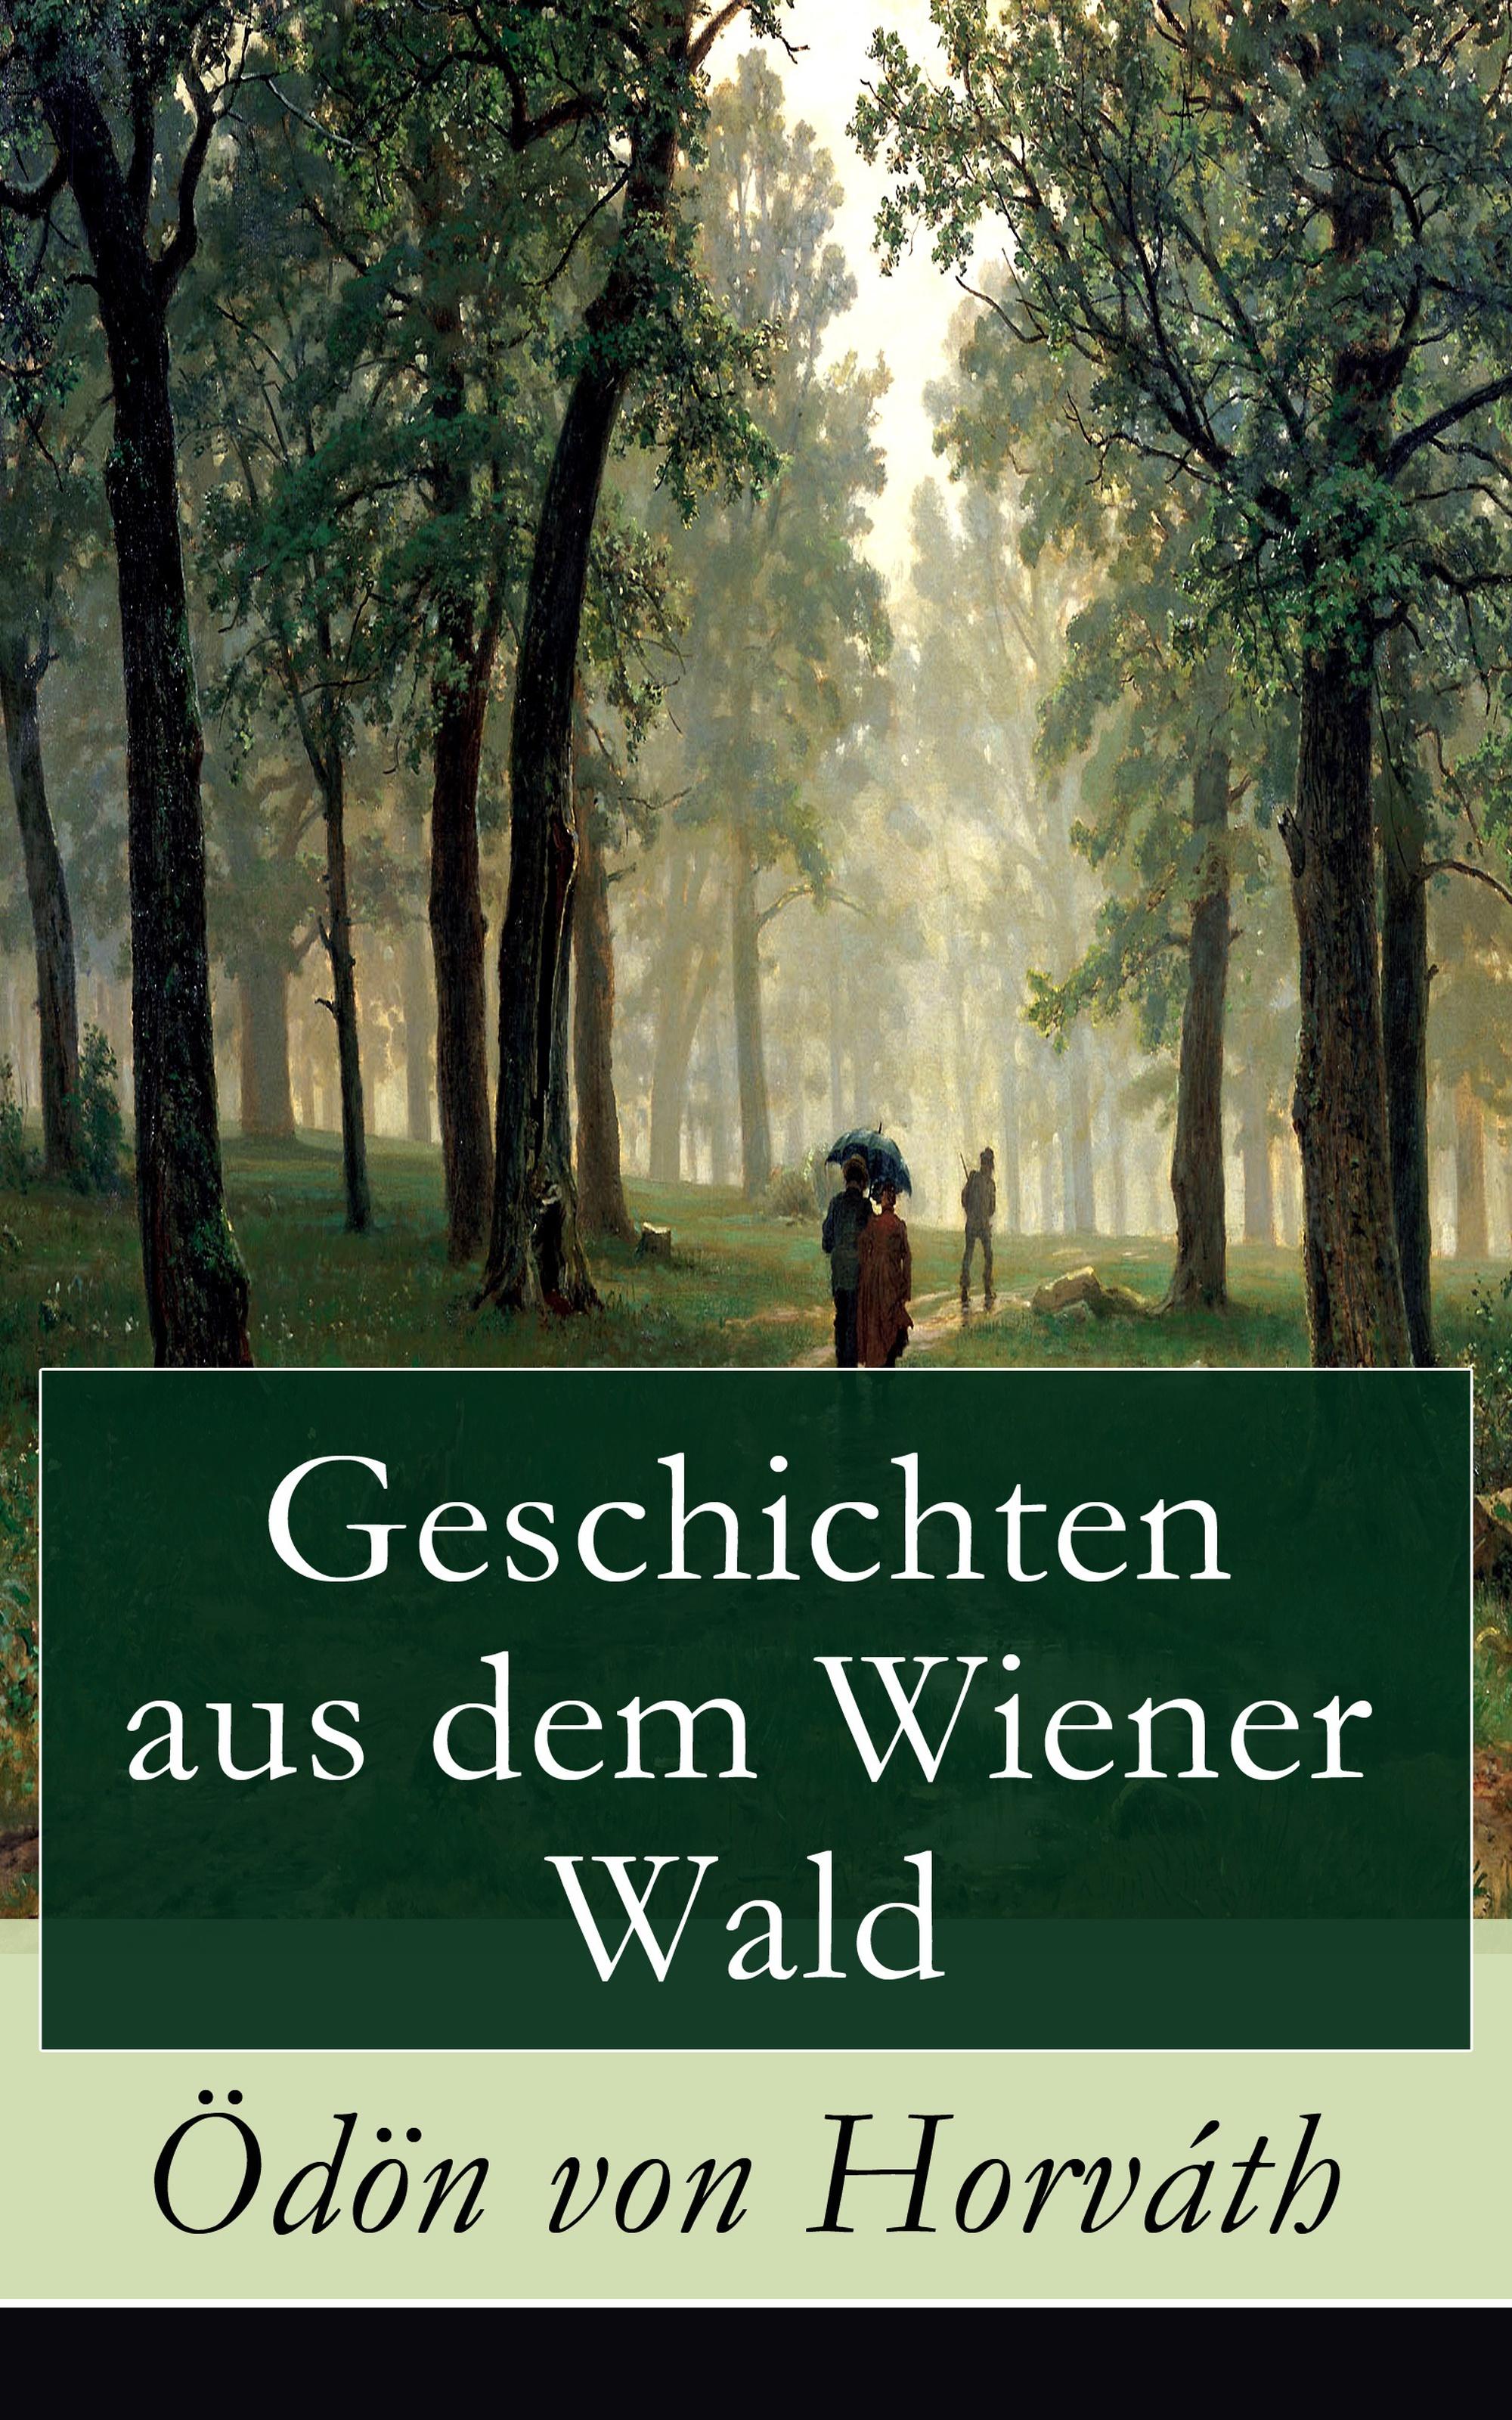 Odon von Horvath Geschichten aus dem Wiener Wald